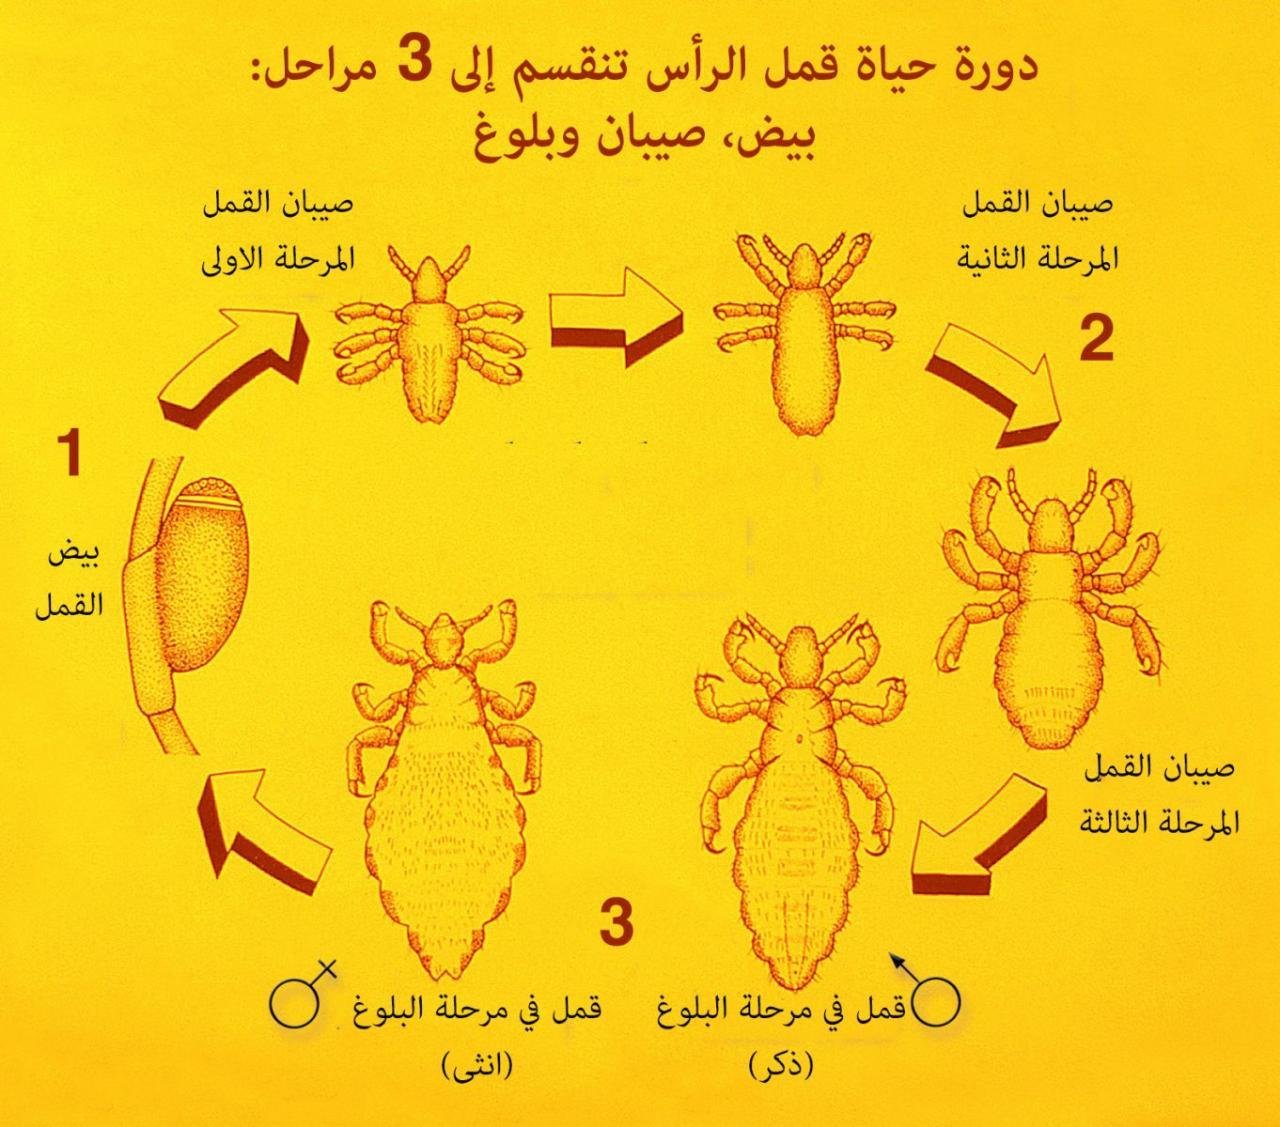 صور شكل القمل والصيبان بالصور , حشرات تعيش بالراس